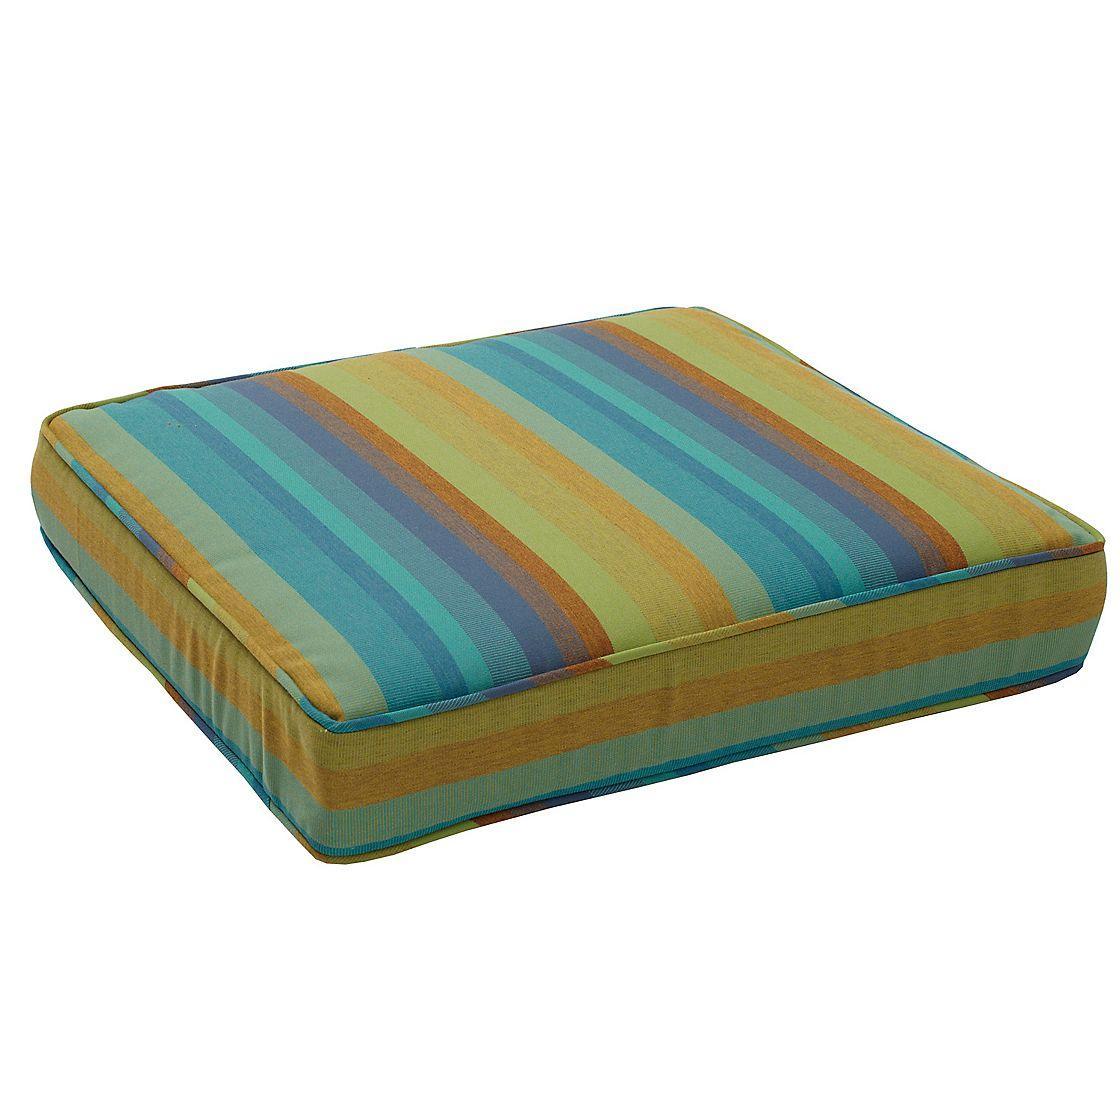 Sunbrella%AE Outdoor Chair Cushion (19x18x3